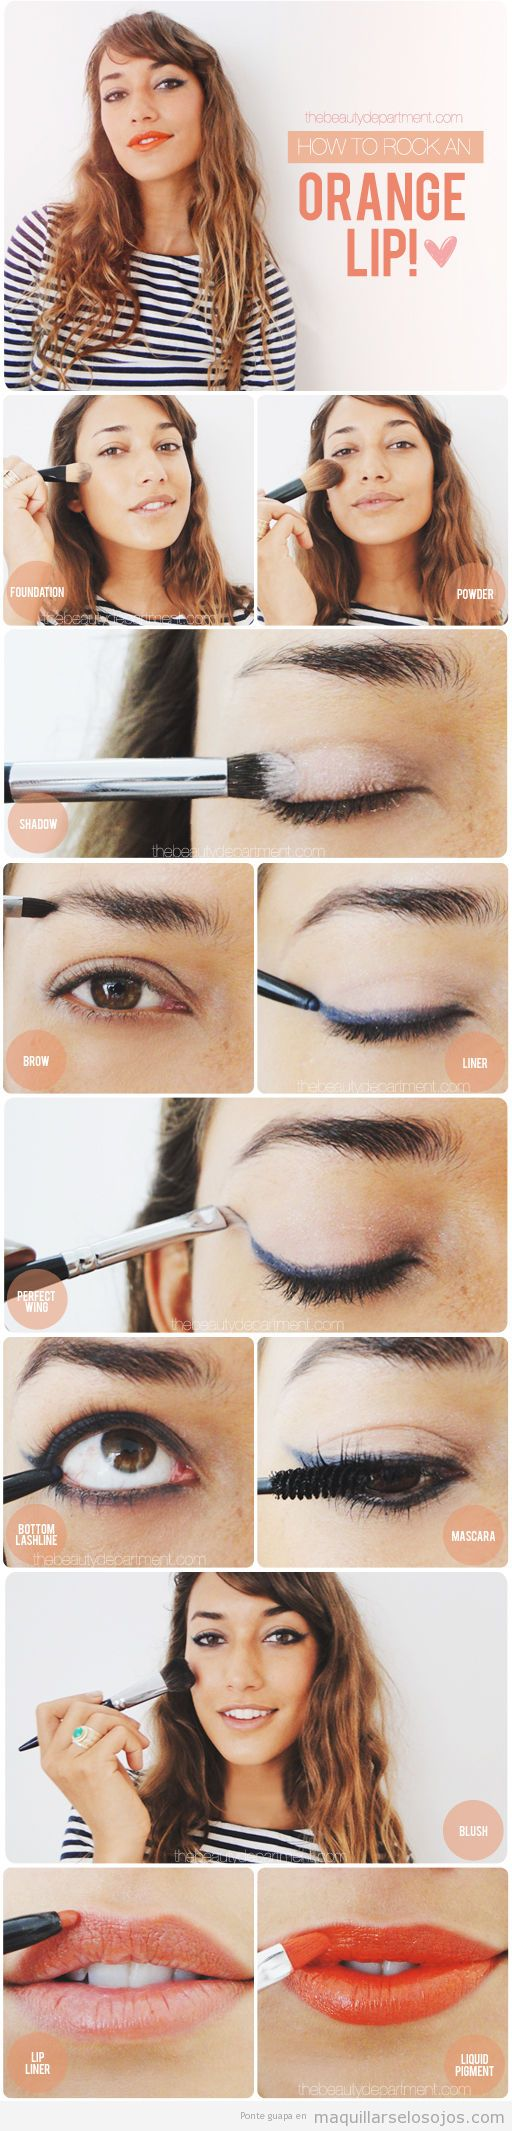 Tutorial maquillaje paso a paso, línea del ojo difuminado y labios naranjas